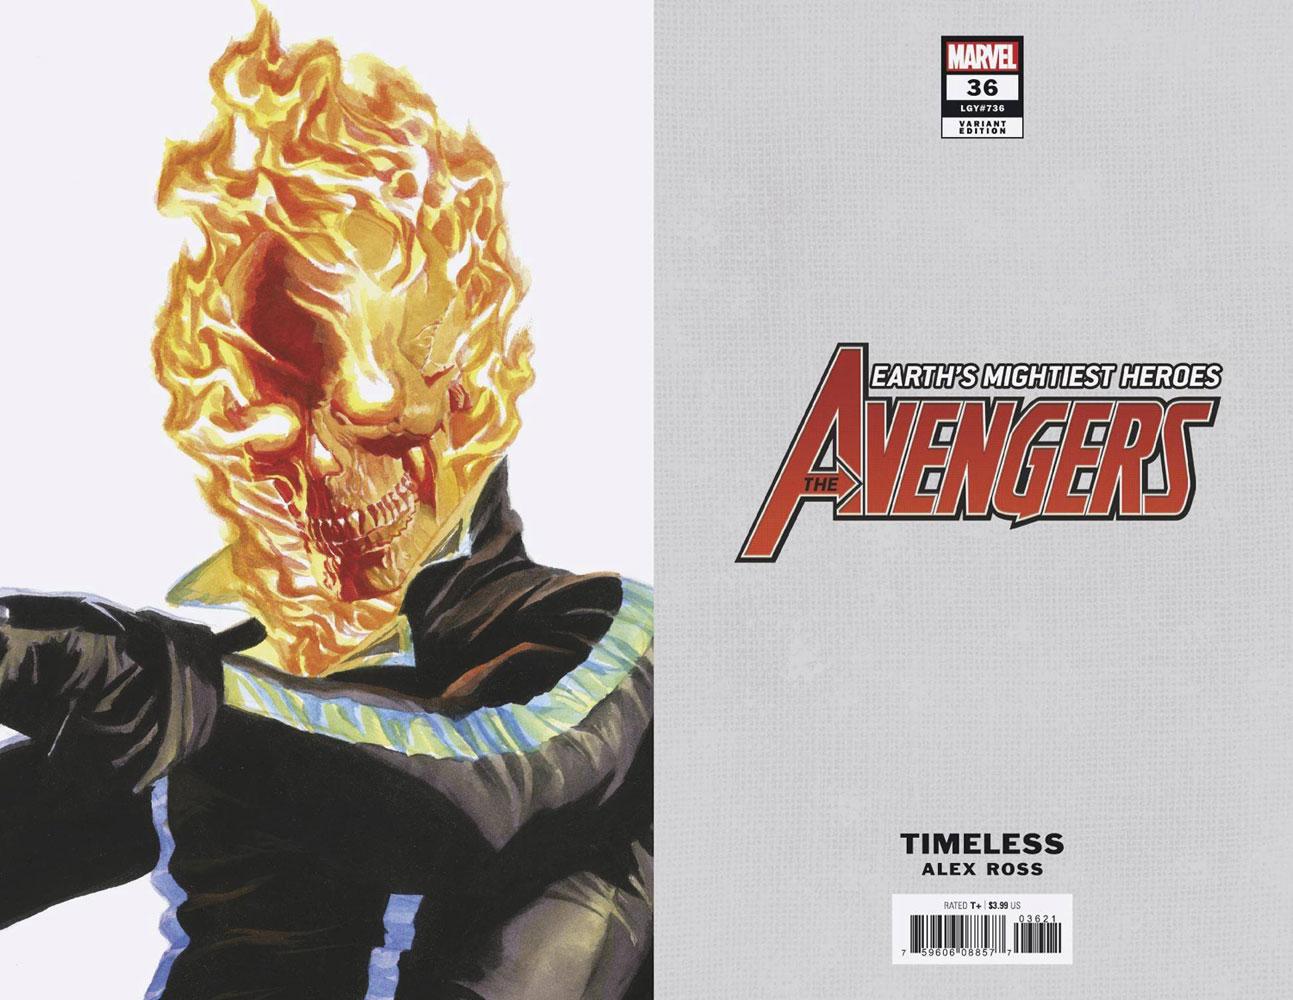 Avengers #36 (variant Alex Ross Timeless cover - Ghost Rider) - Marvel Comics